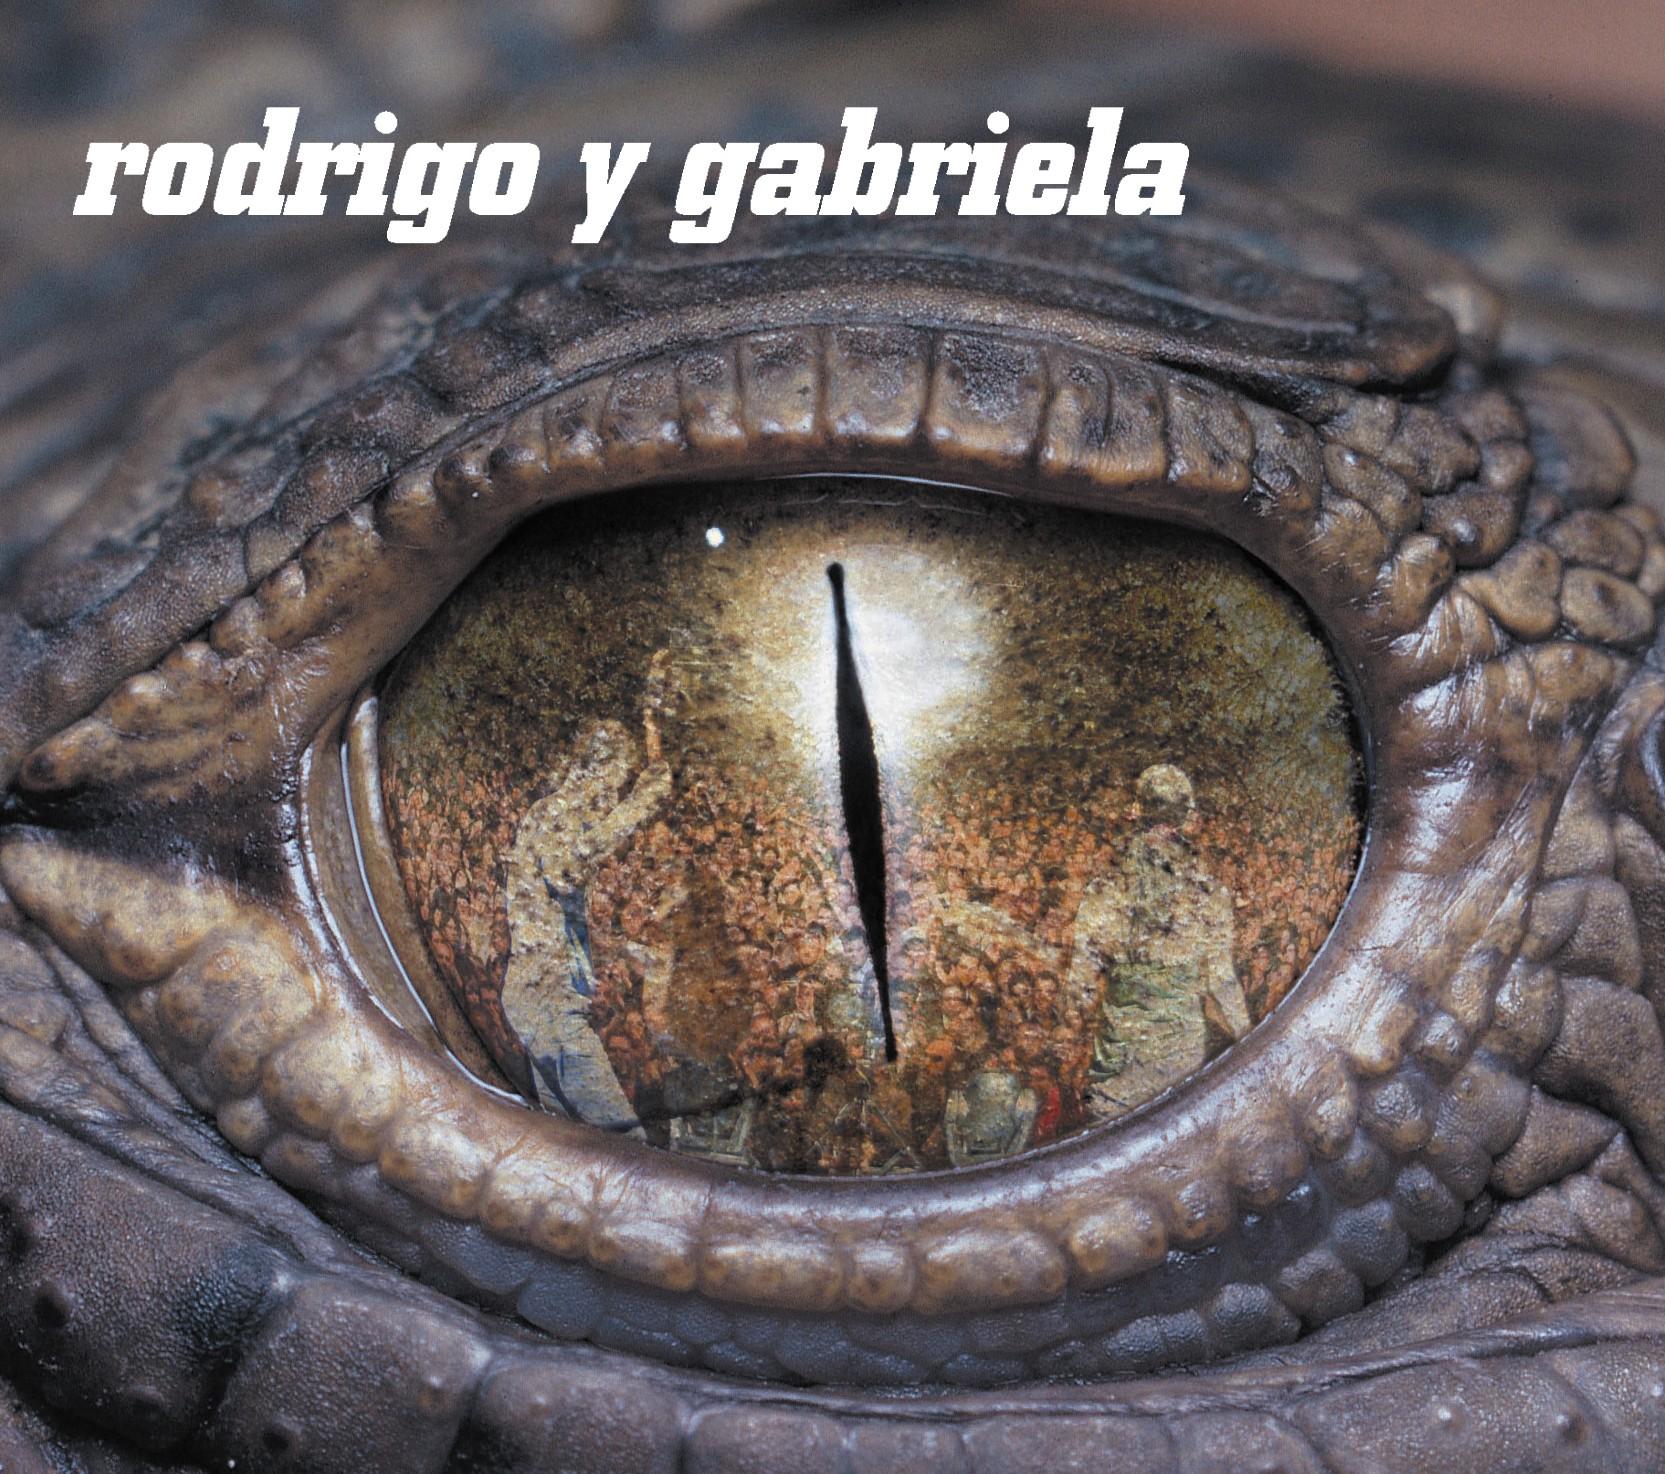 rodrigoygabriela